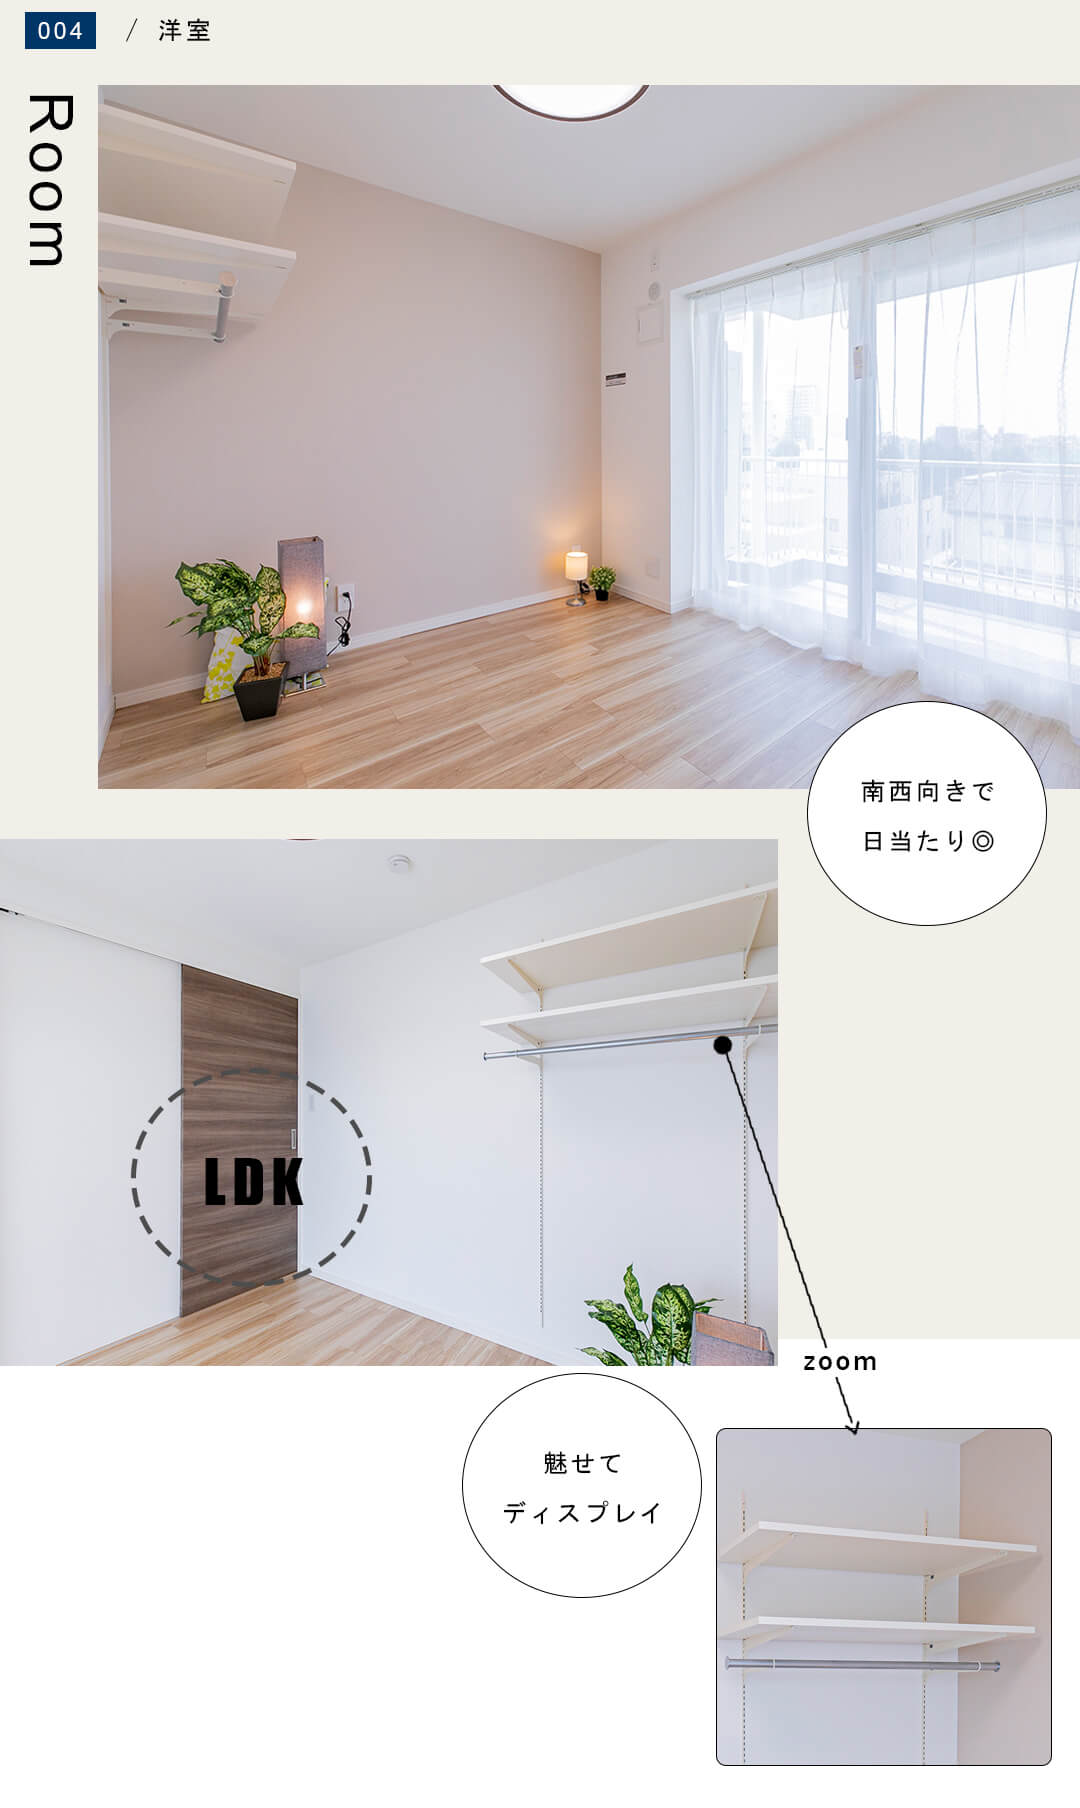 中銀目黒マンシオンの洋室